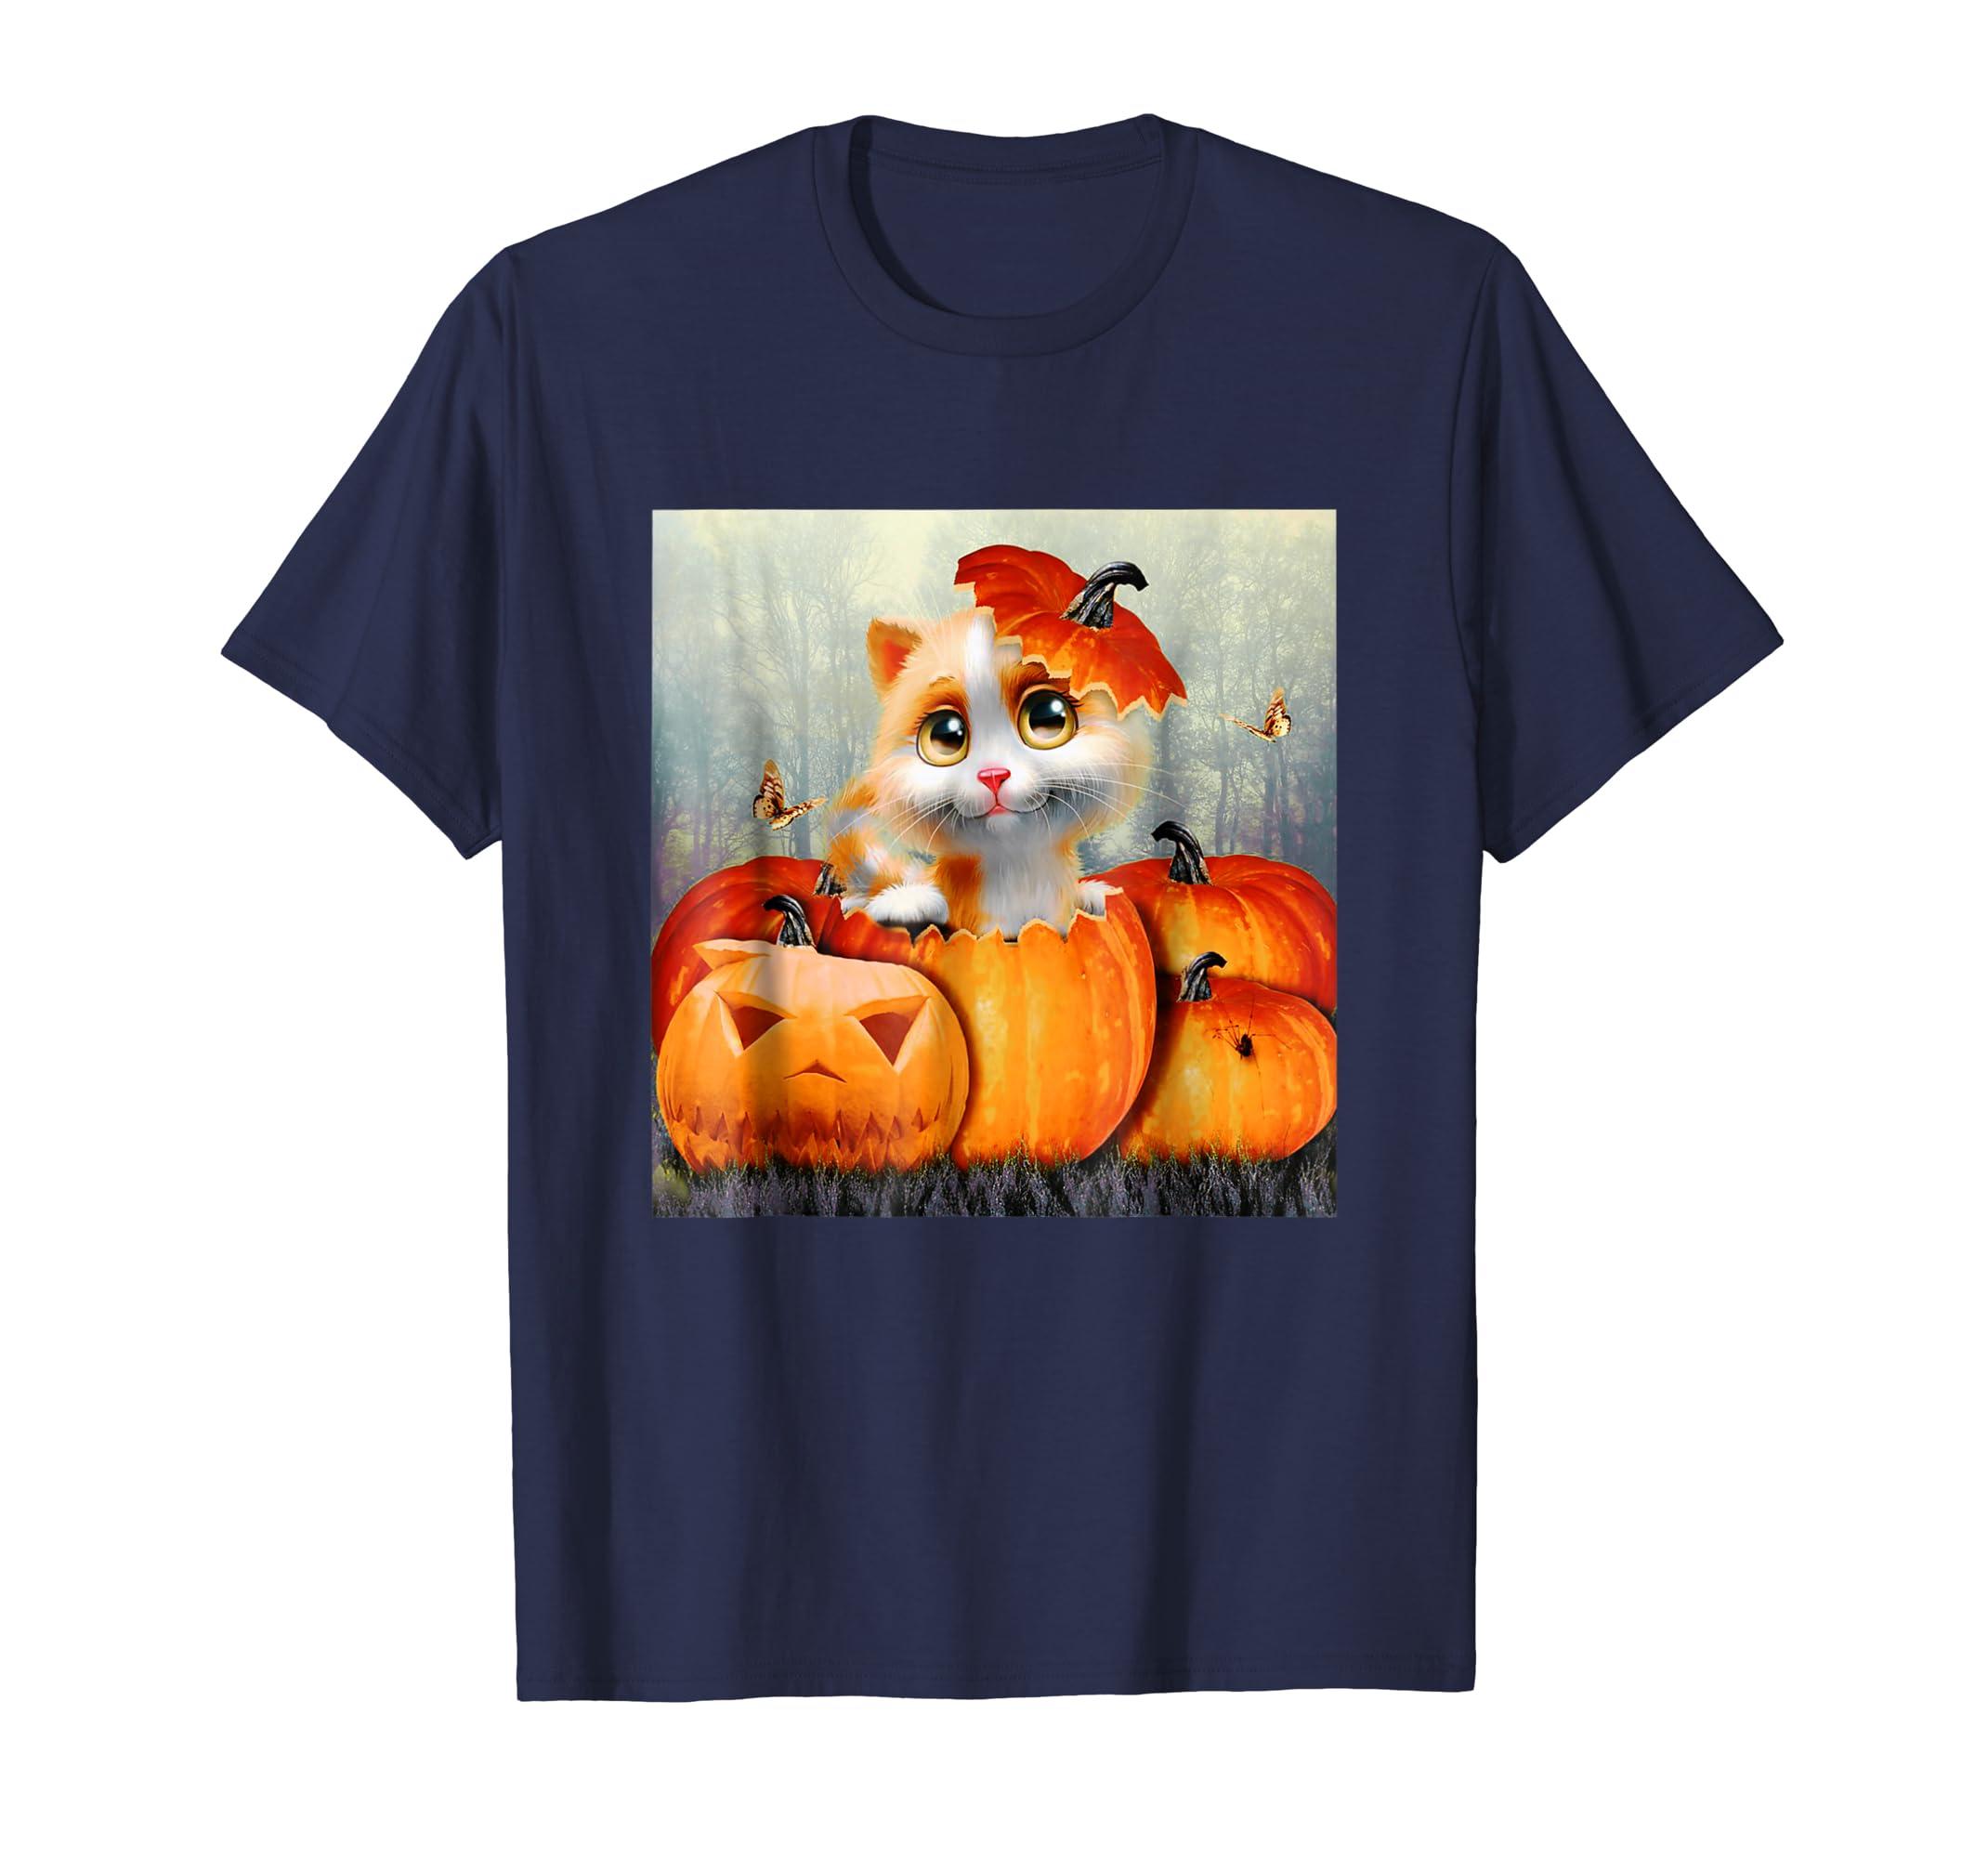 2018 Halloween Shirt Cat Halloween Shirt Pumpkin Halloween-Rose